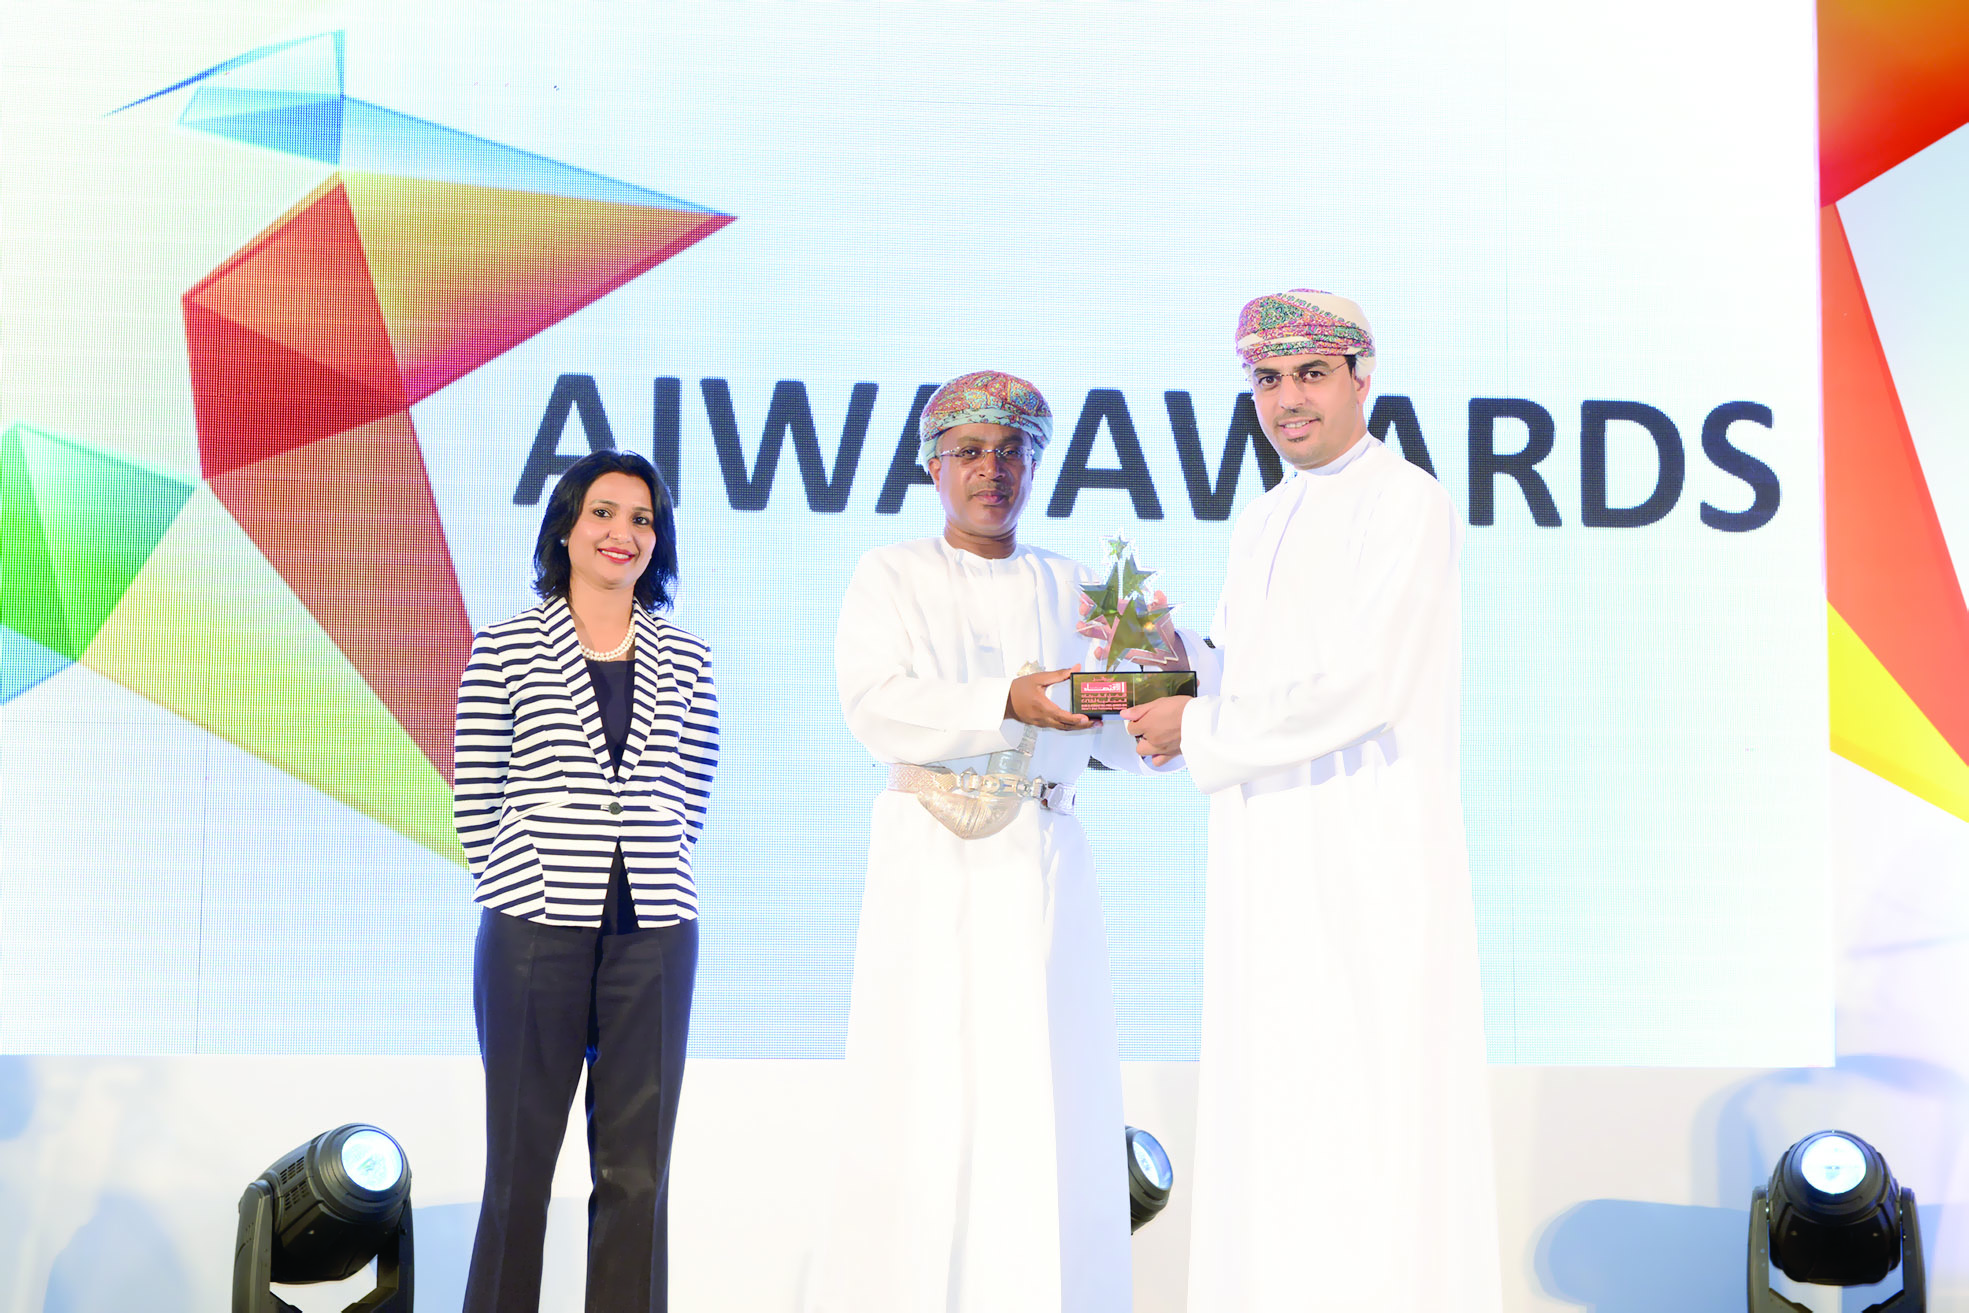 البنك الاهلي يحصد جائزة أفضل شركة من حيث الأداء